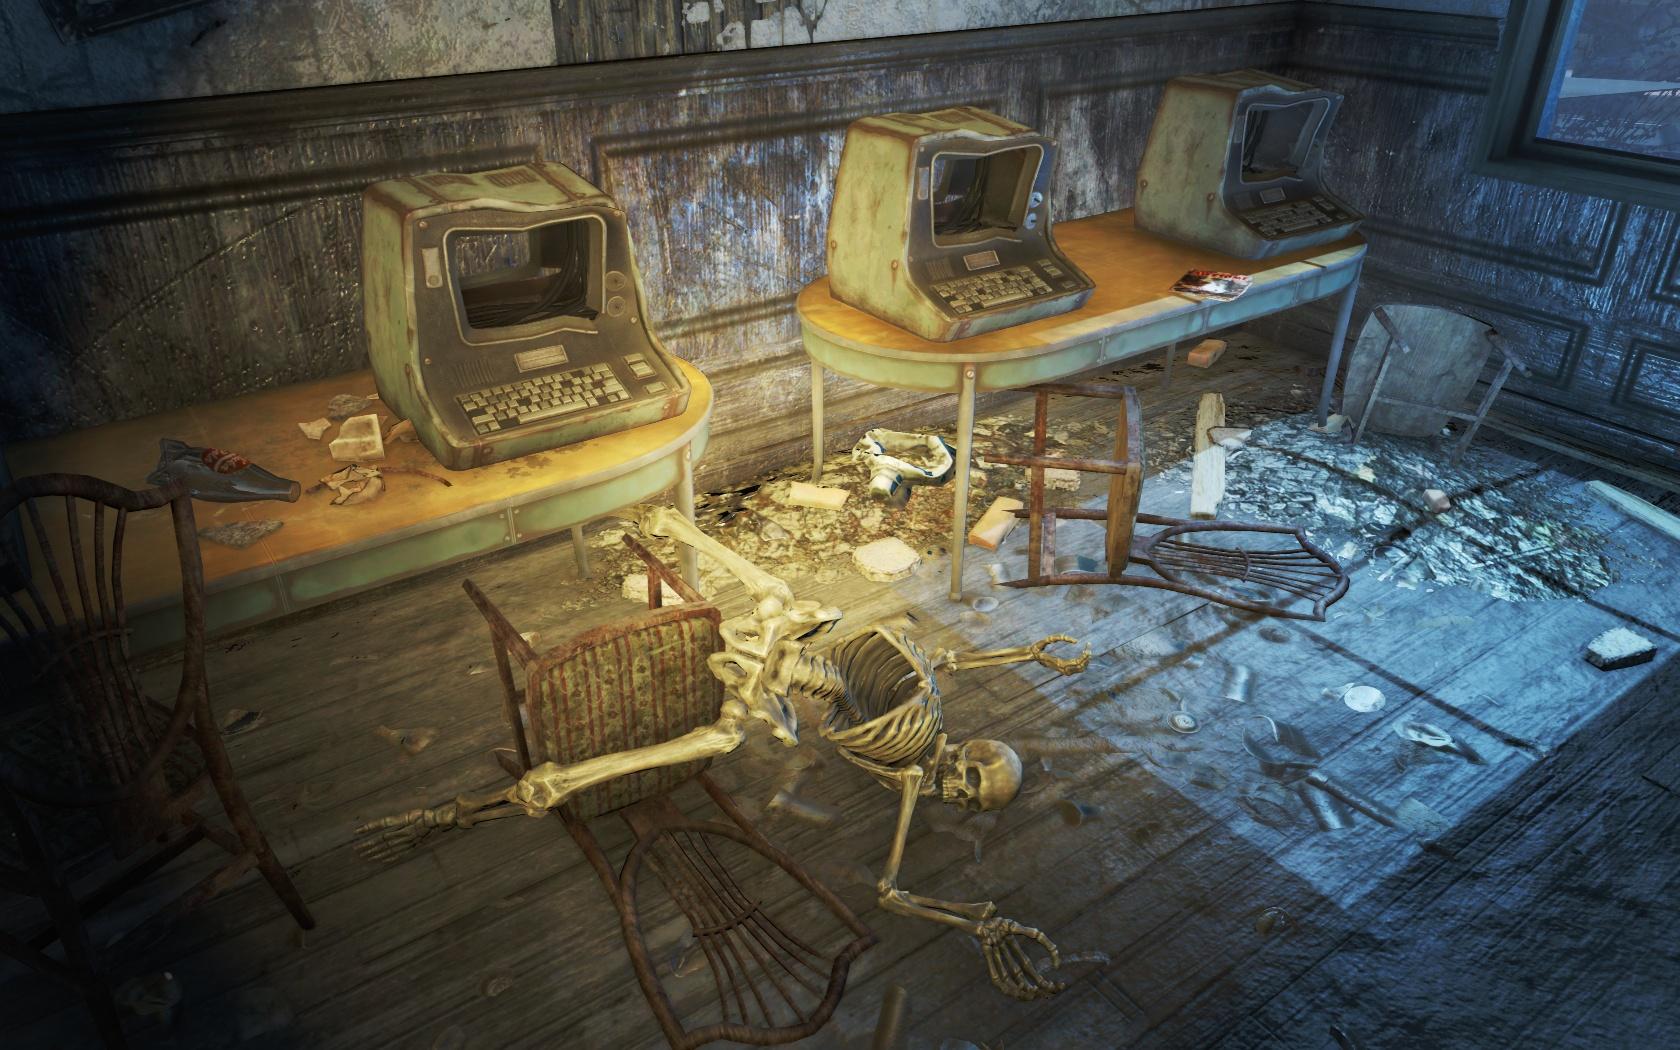 Компьютеры переворачивают жизнь (Подготовительная школа Восточного Бостона) - Fallout 4 Бостон, Восточный Бостон, Подготовительная, Скелет, школа